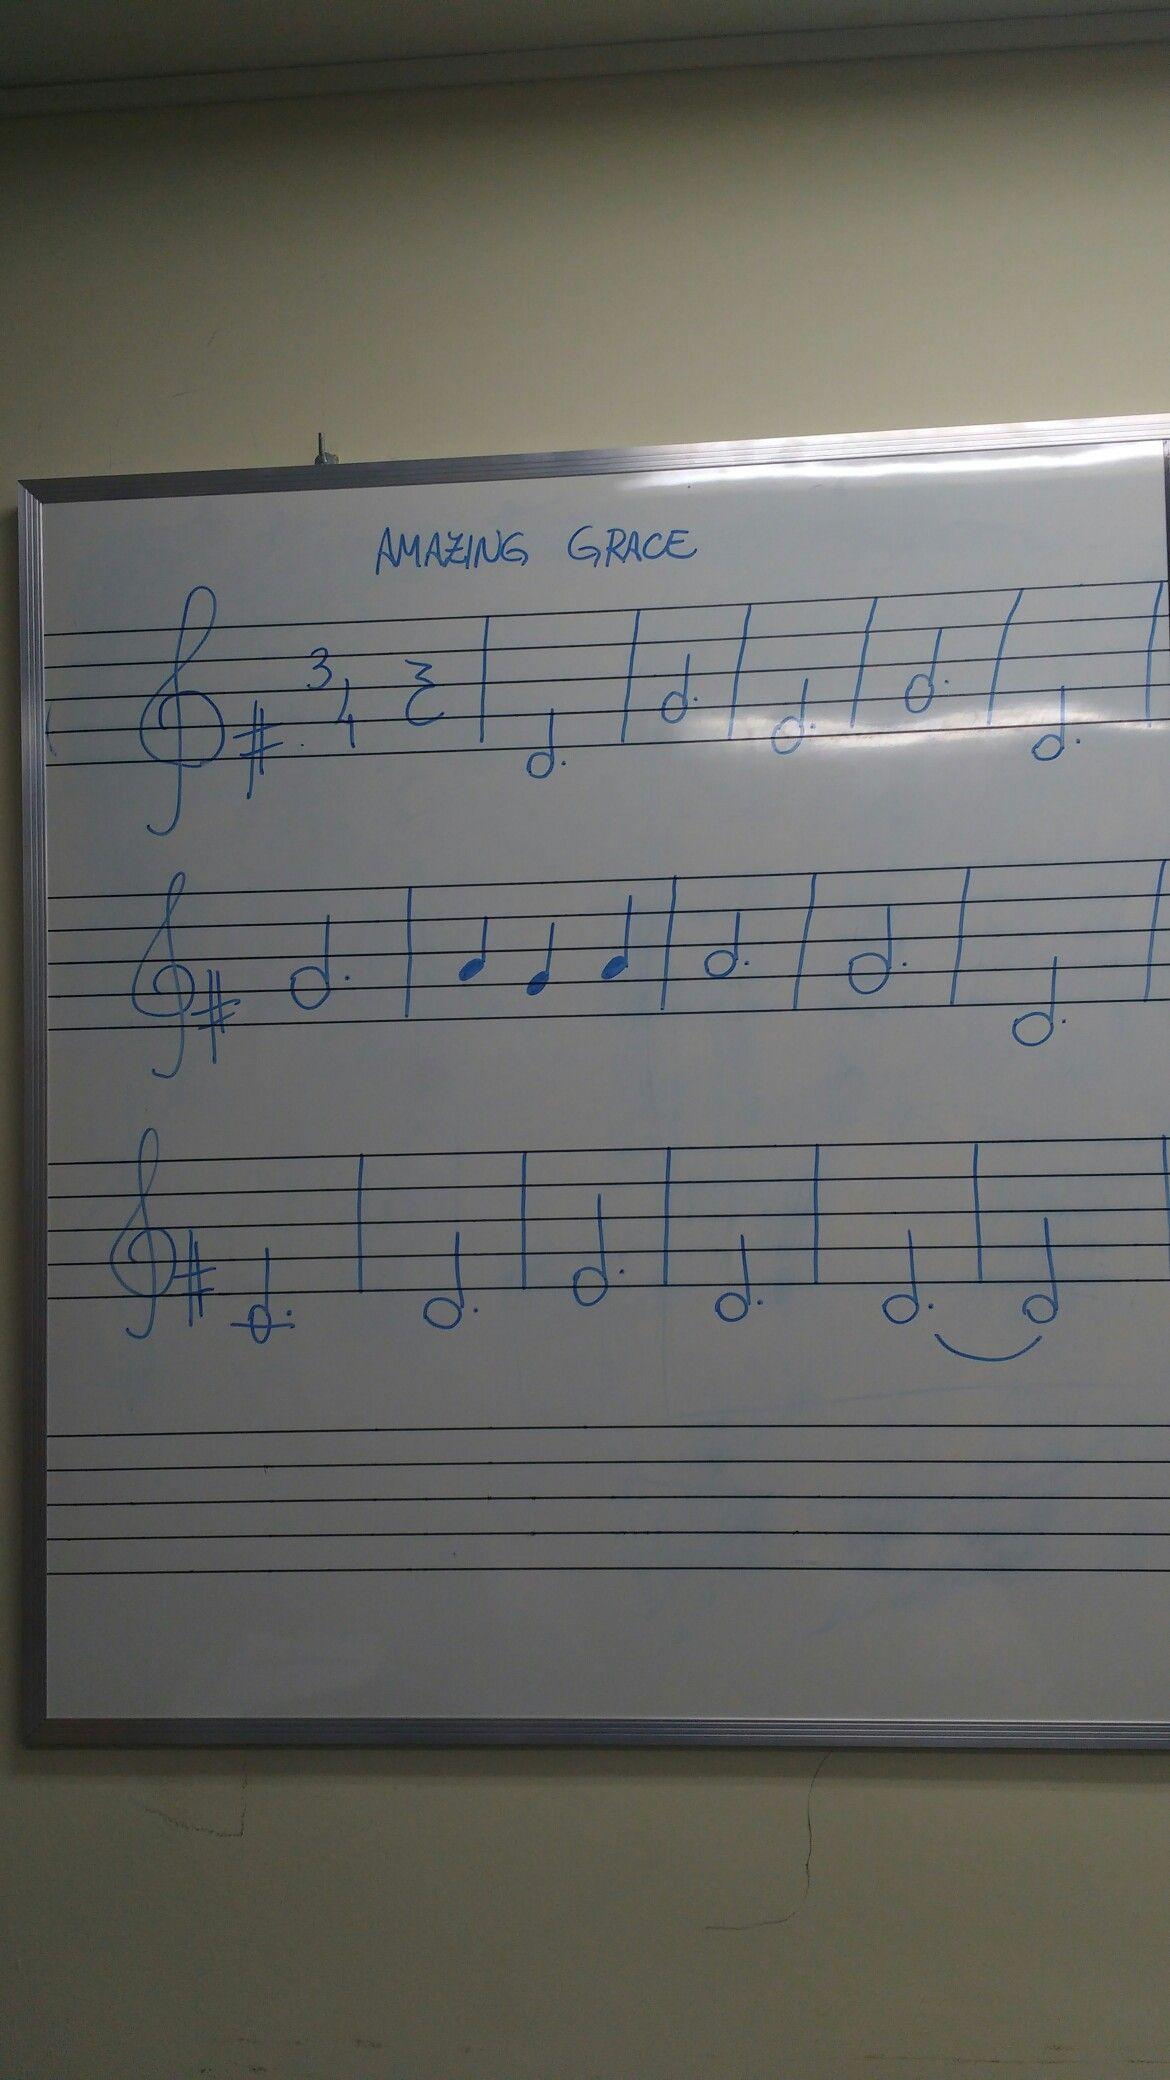 Segunda voz - fiz com flauta contralto, mas pode ser com a soprano! By Mônica Coropos